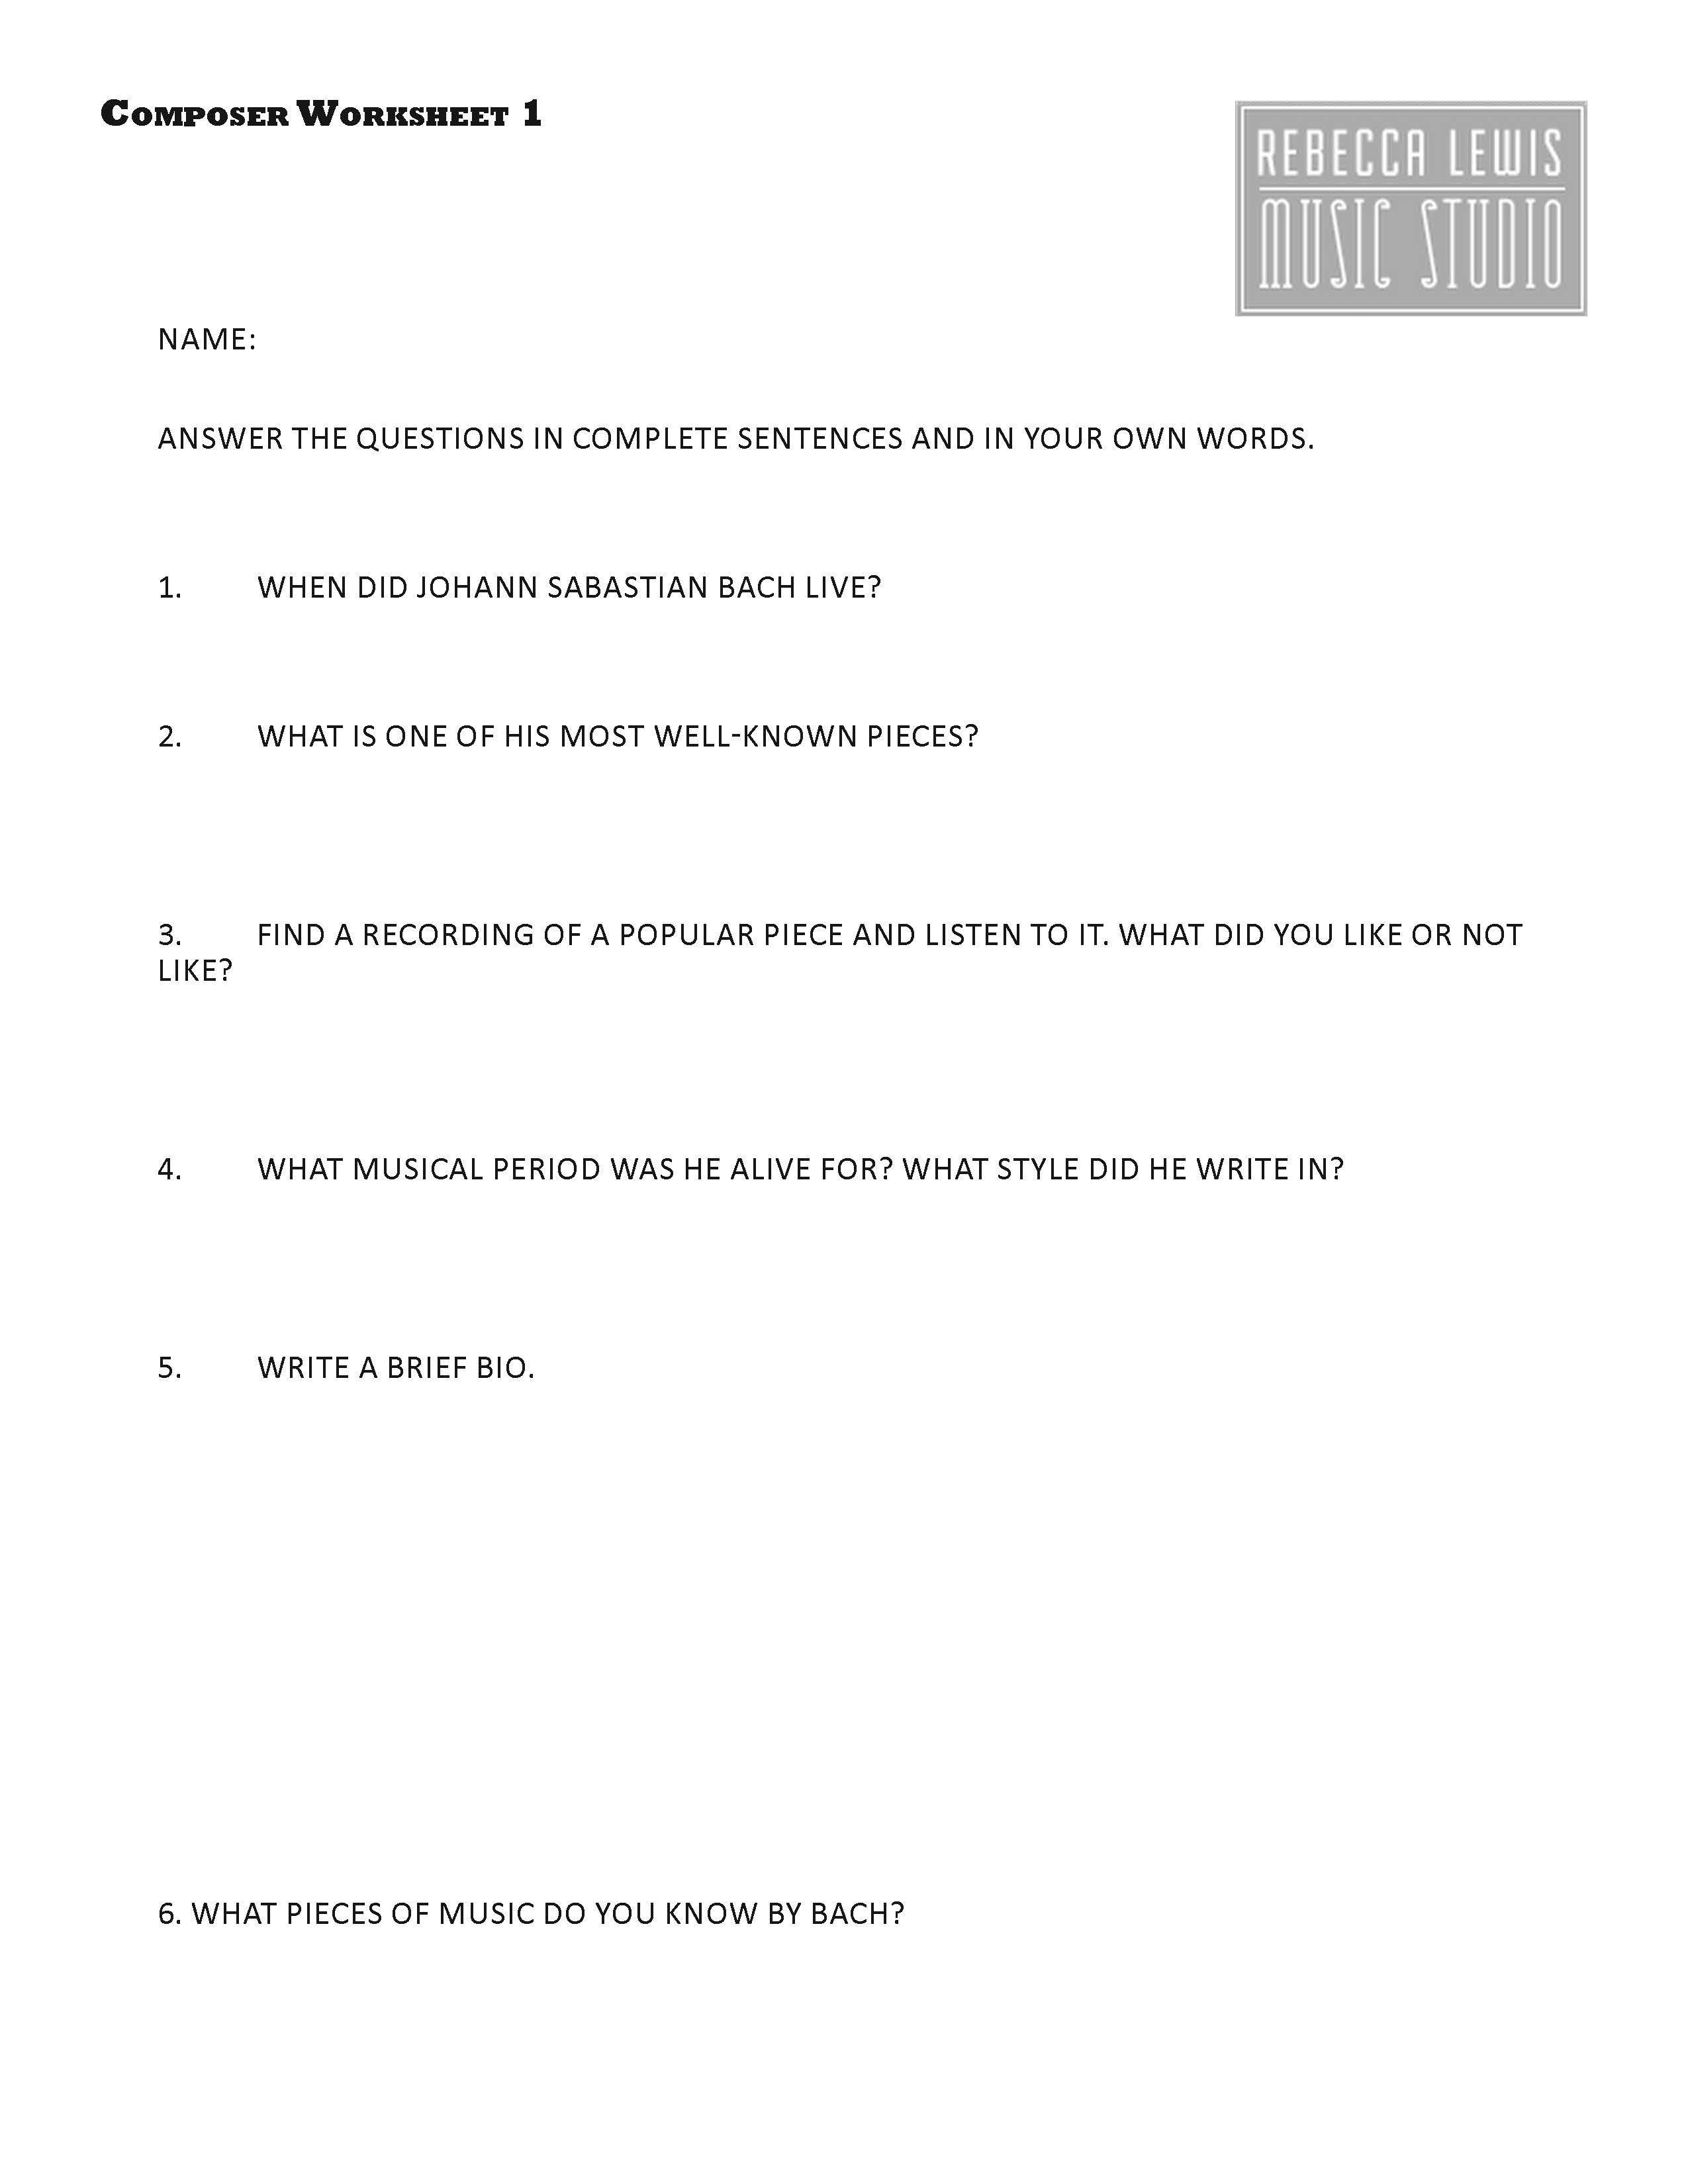 Worksheets Music Composer Worksheets bach composer worksheet from rebecca lewis music studio violin studio